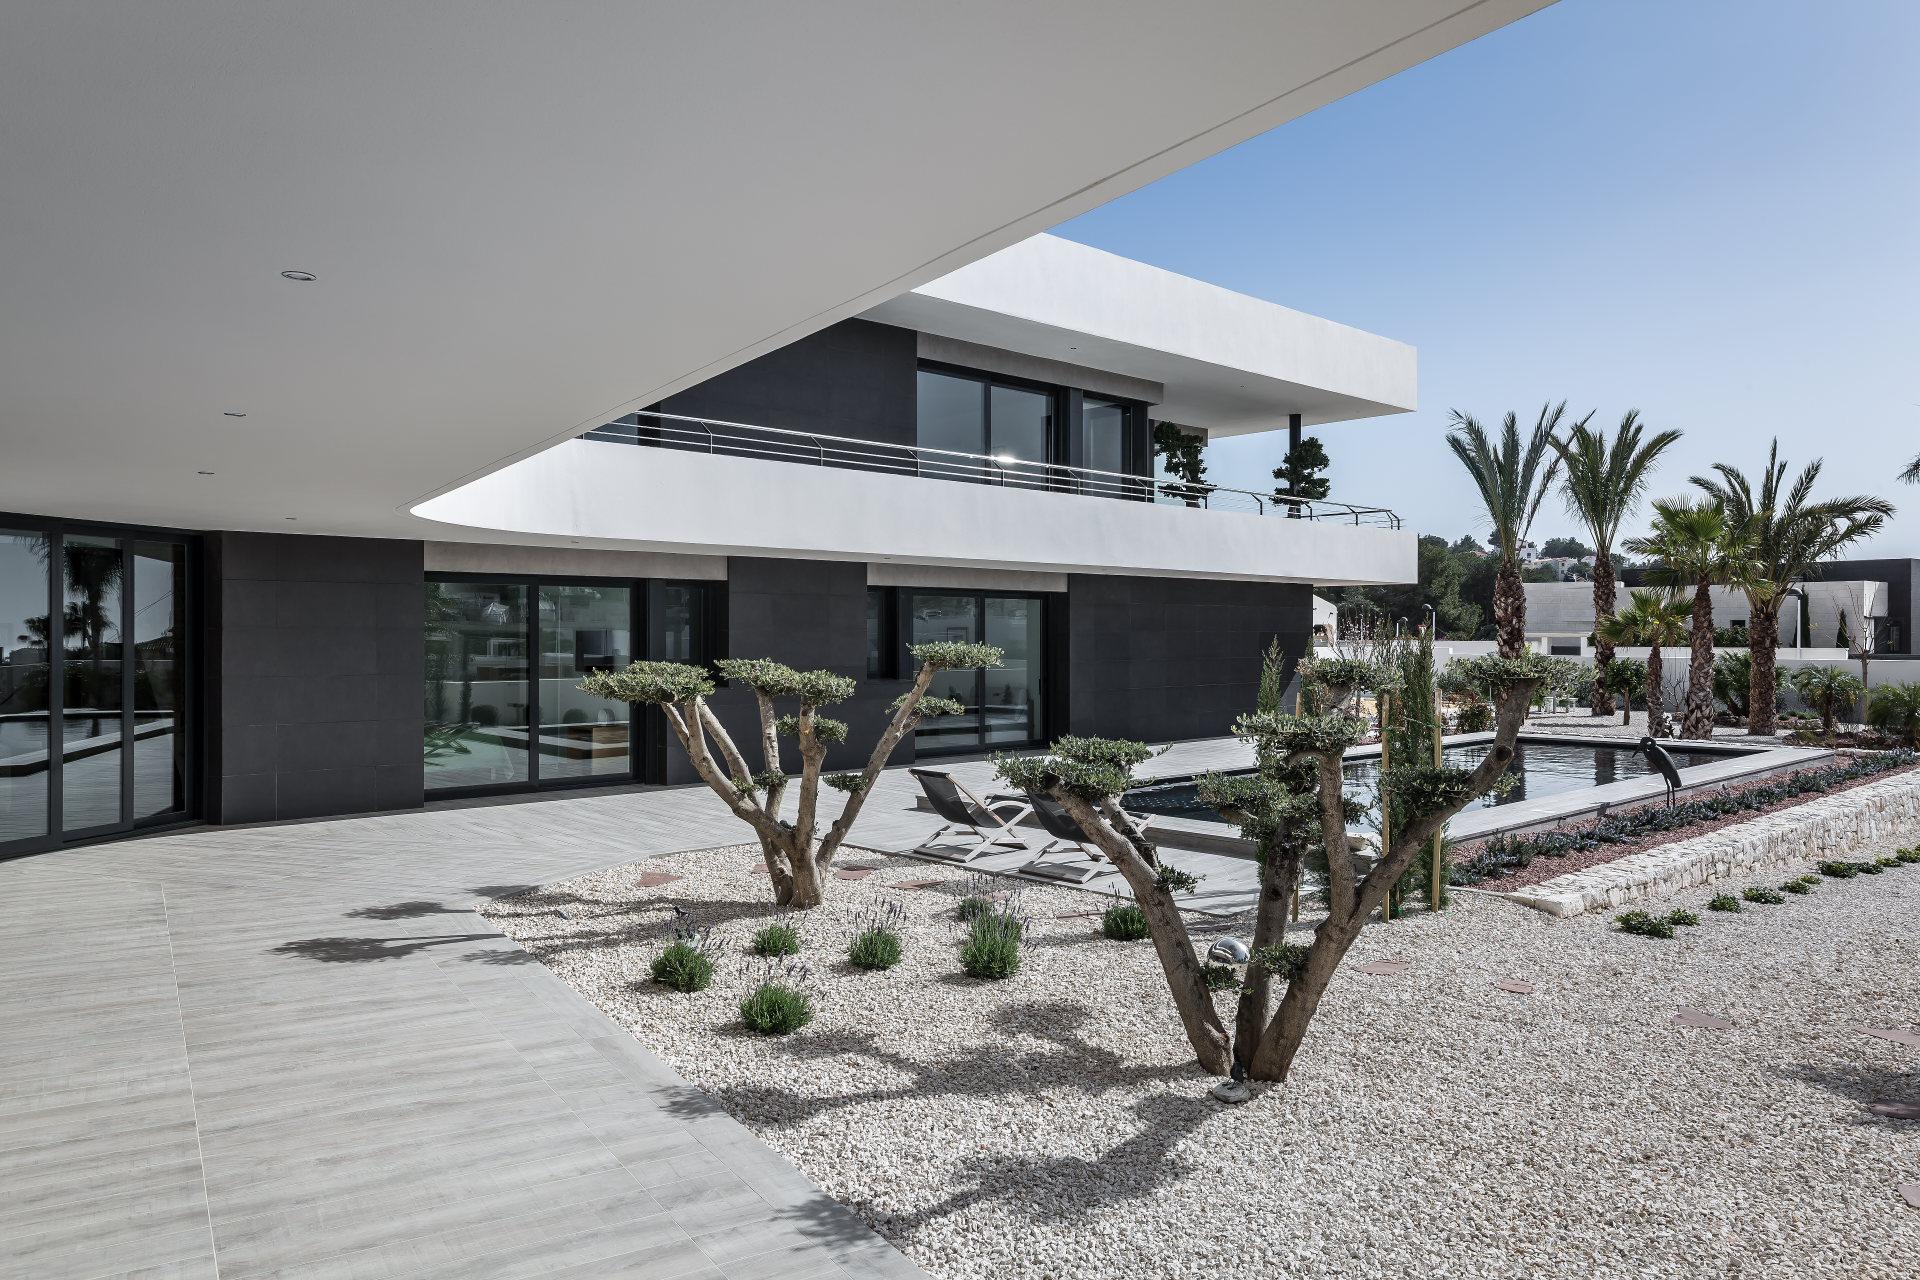 fotografia-arquitectura-valencia-alicante-moraira-german-cabo-pascual-giner (10)